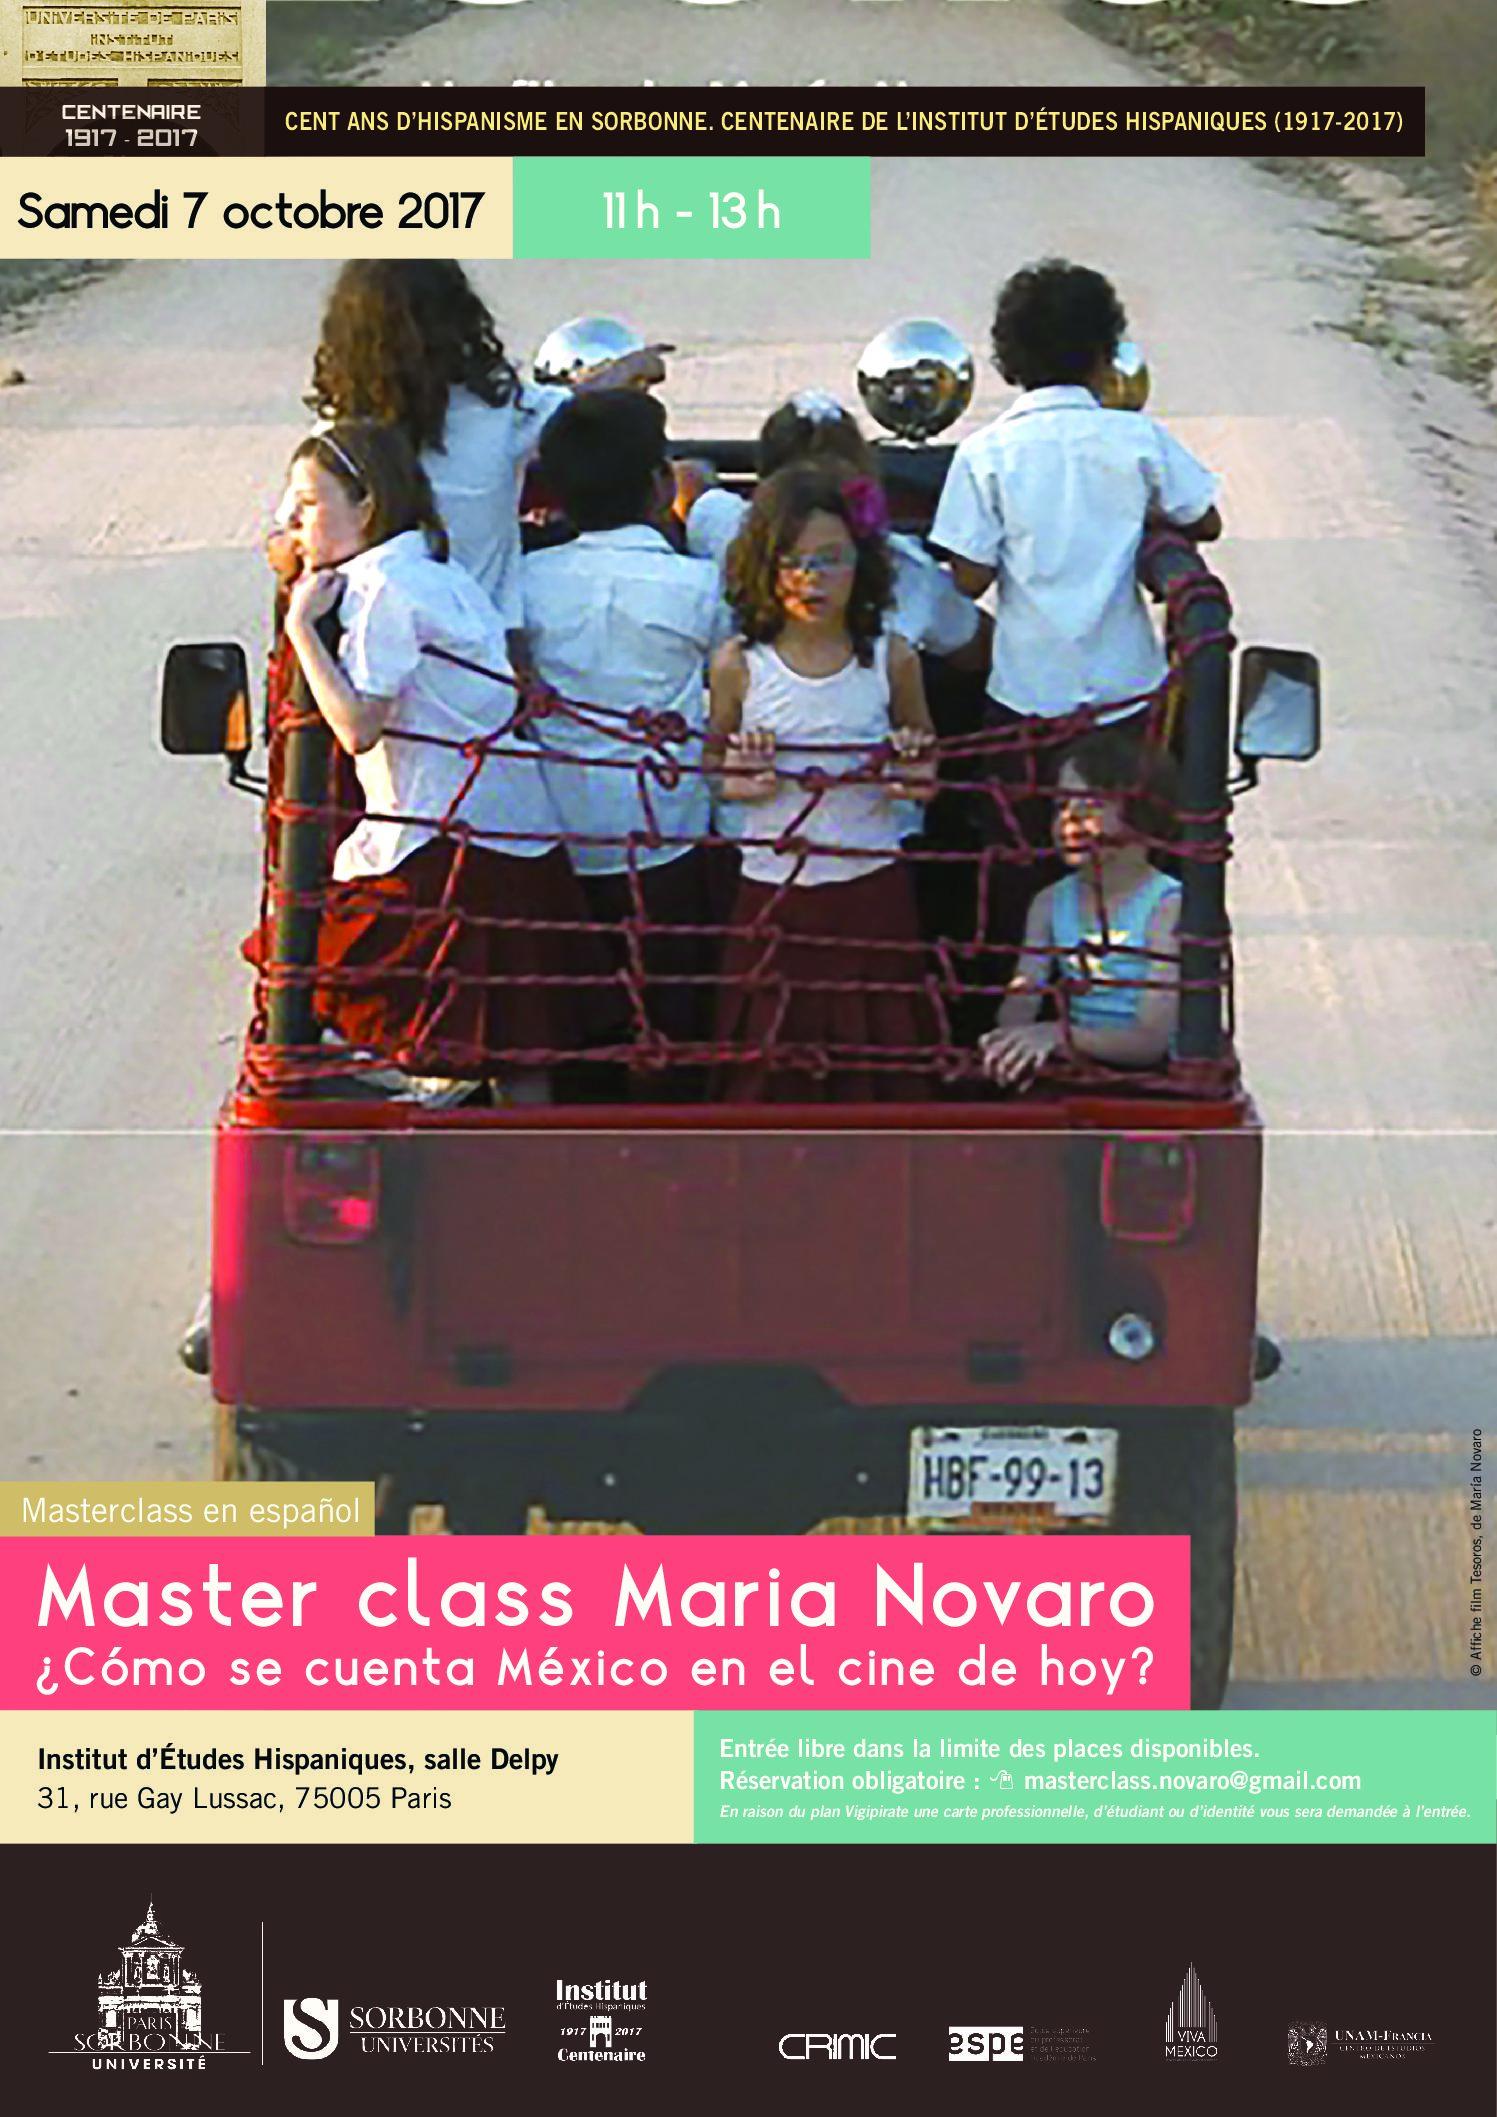 Master class María Novaro